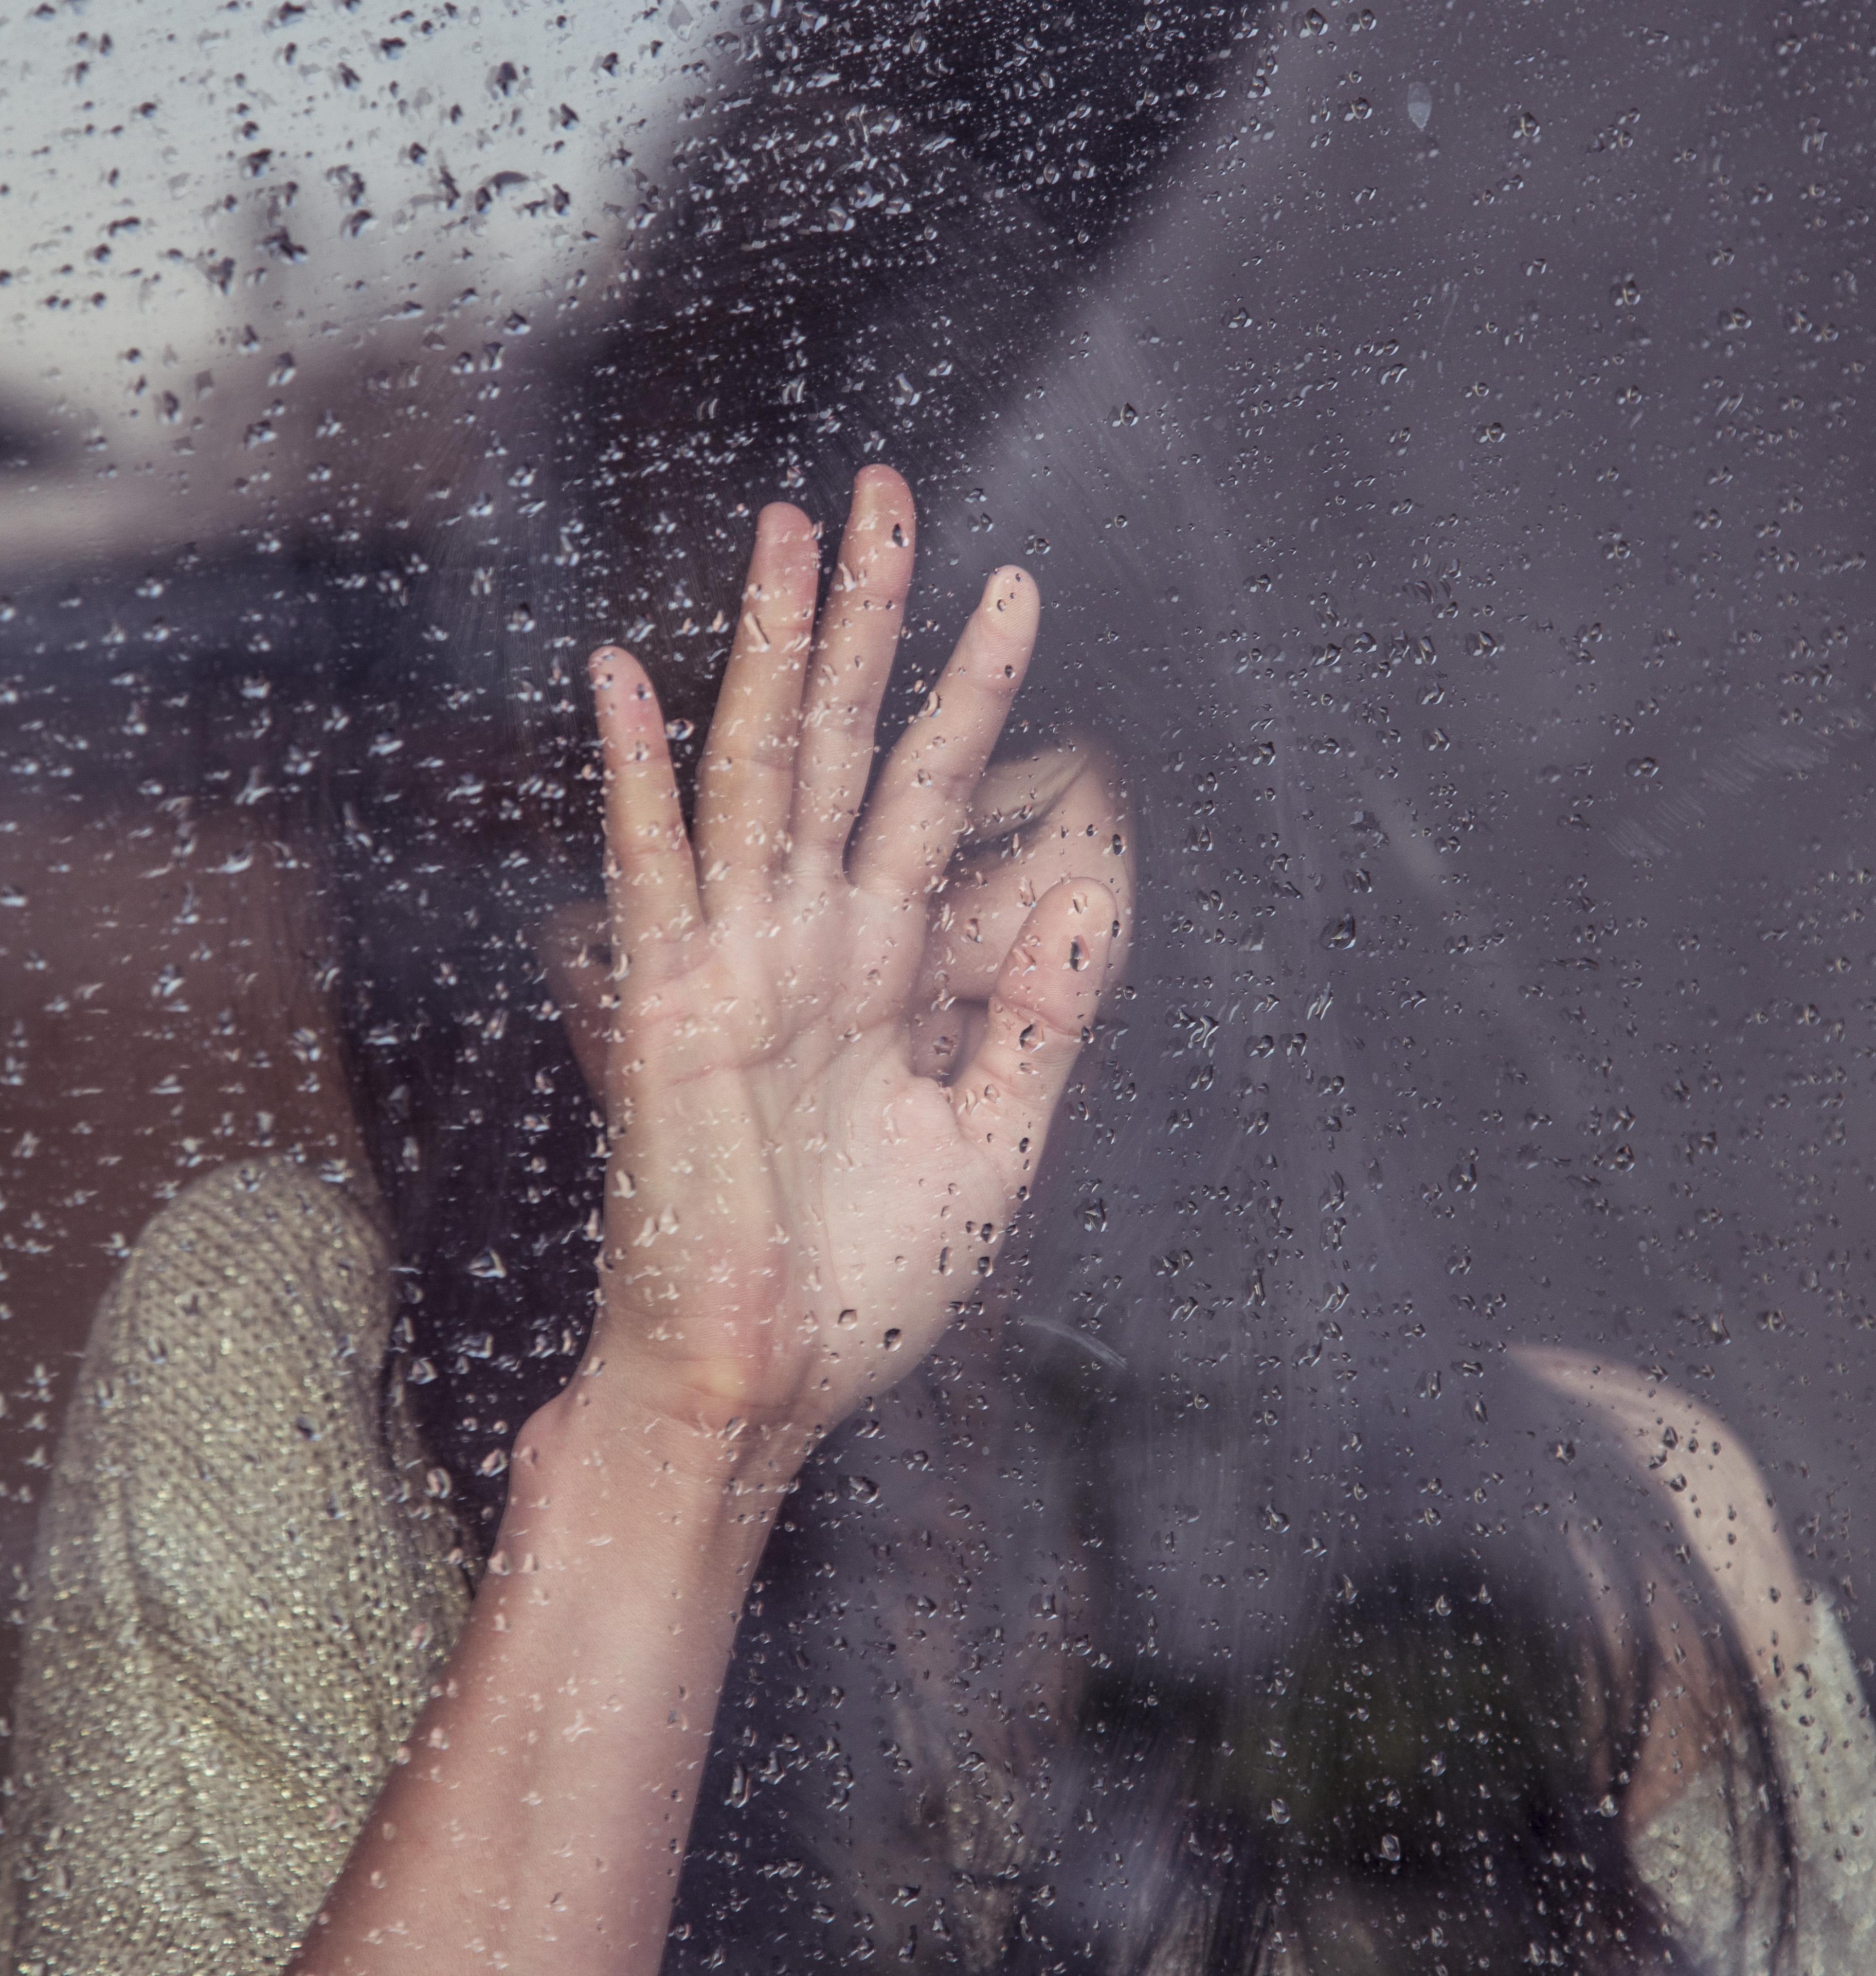 Gambar Tangan Orang Wanita Hujan Jendela Jari Gambar Emosi